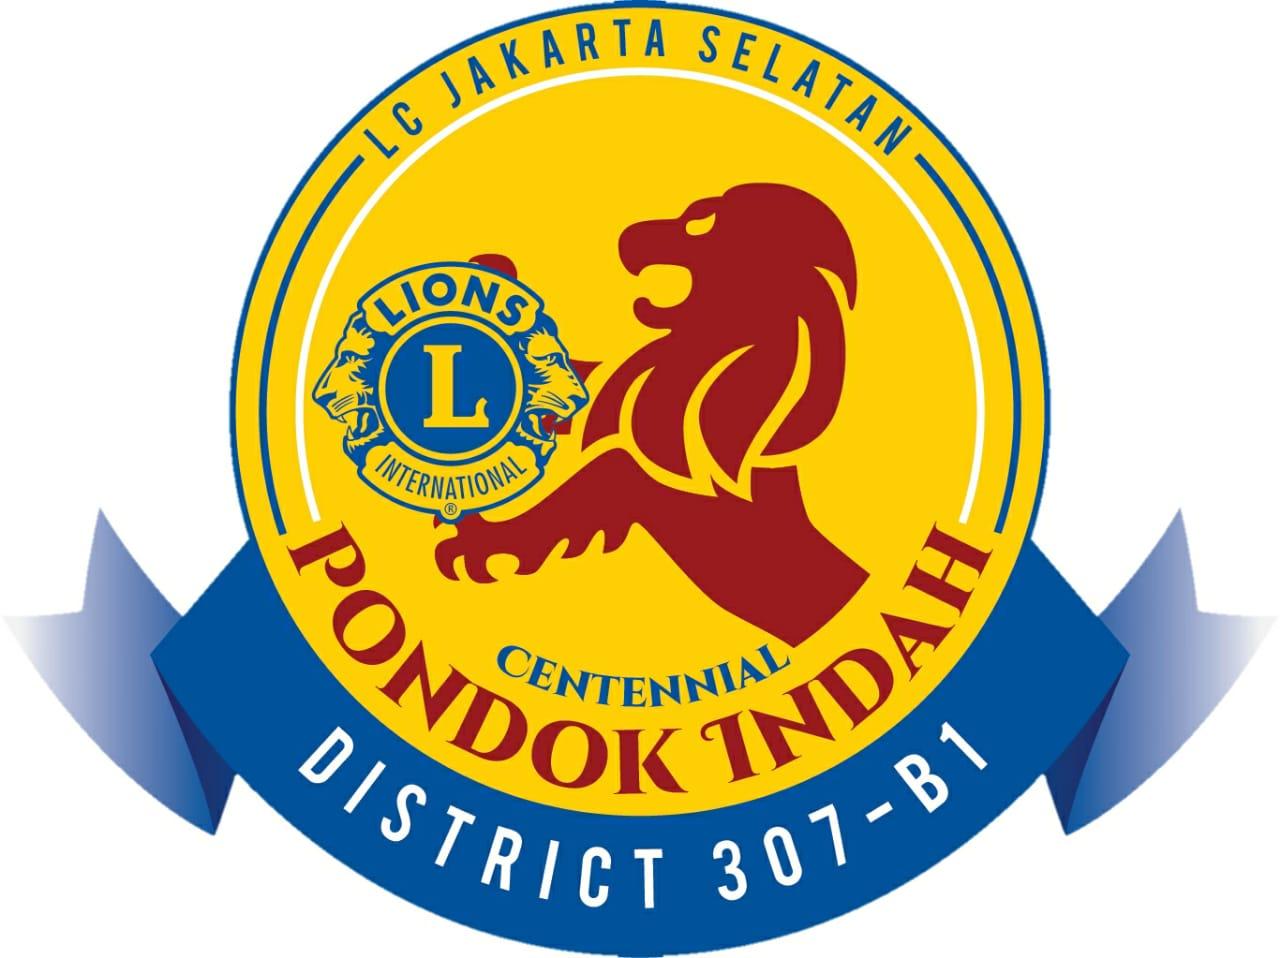 Lions Club Jakarta Selatan Centennial Pondok Indah